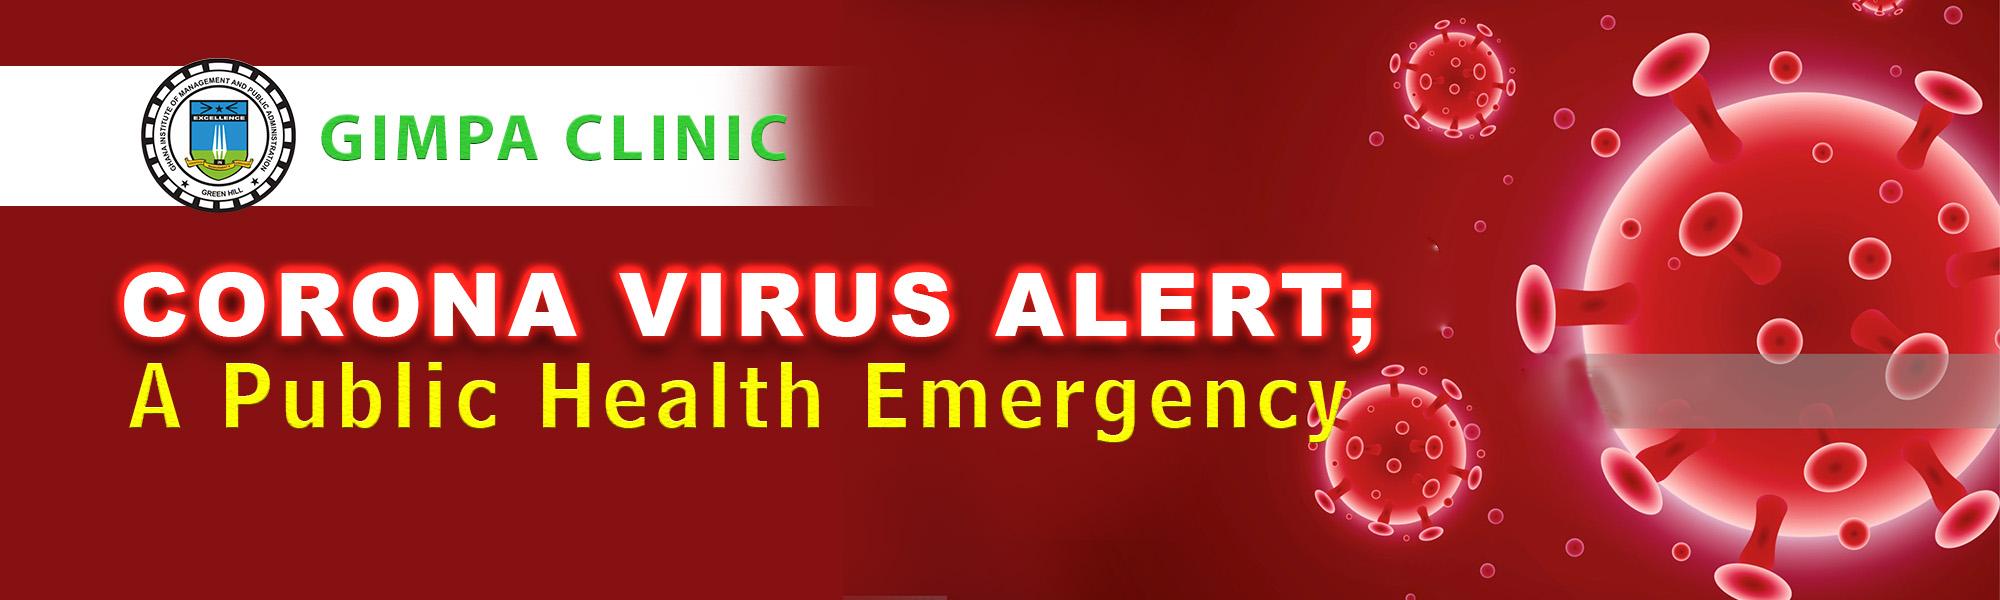 GIMPA Corona Virus Alert